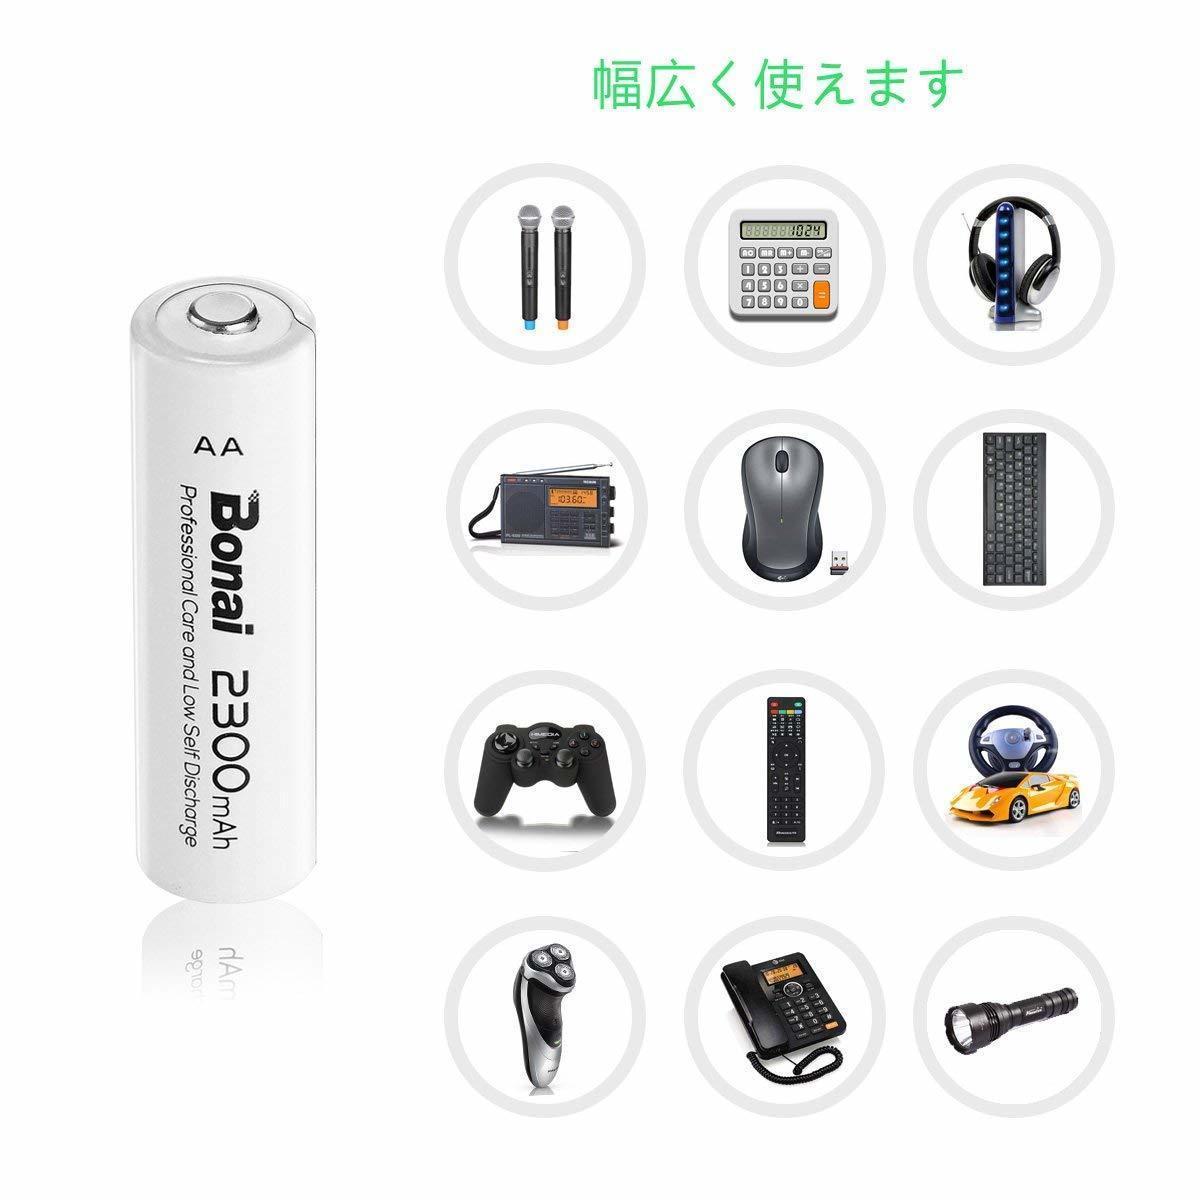 [新品/送料無料] Bonai 単3形 充電池 充電式ニッケル水素電池 16個パック PSE/CEマーキング取得 UL認証済(高容量2300mAh 約1200回使用可)_画像4